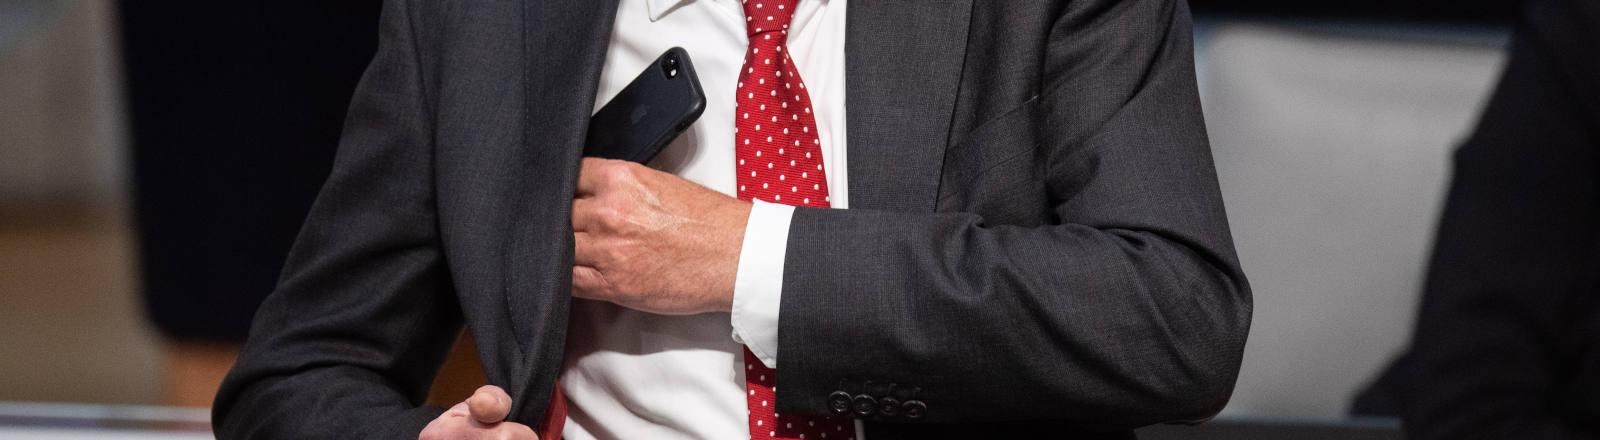 Ein Mann steckt ein Smartphone in seine Sakko-Tasche